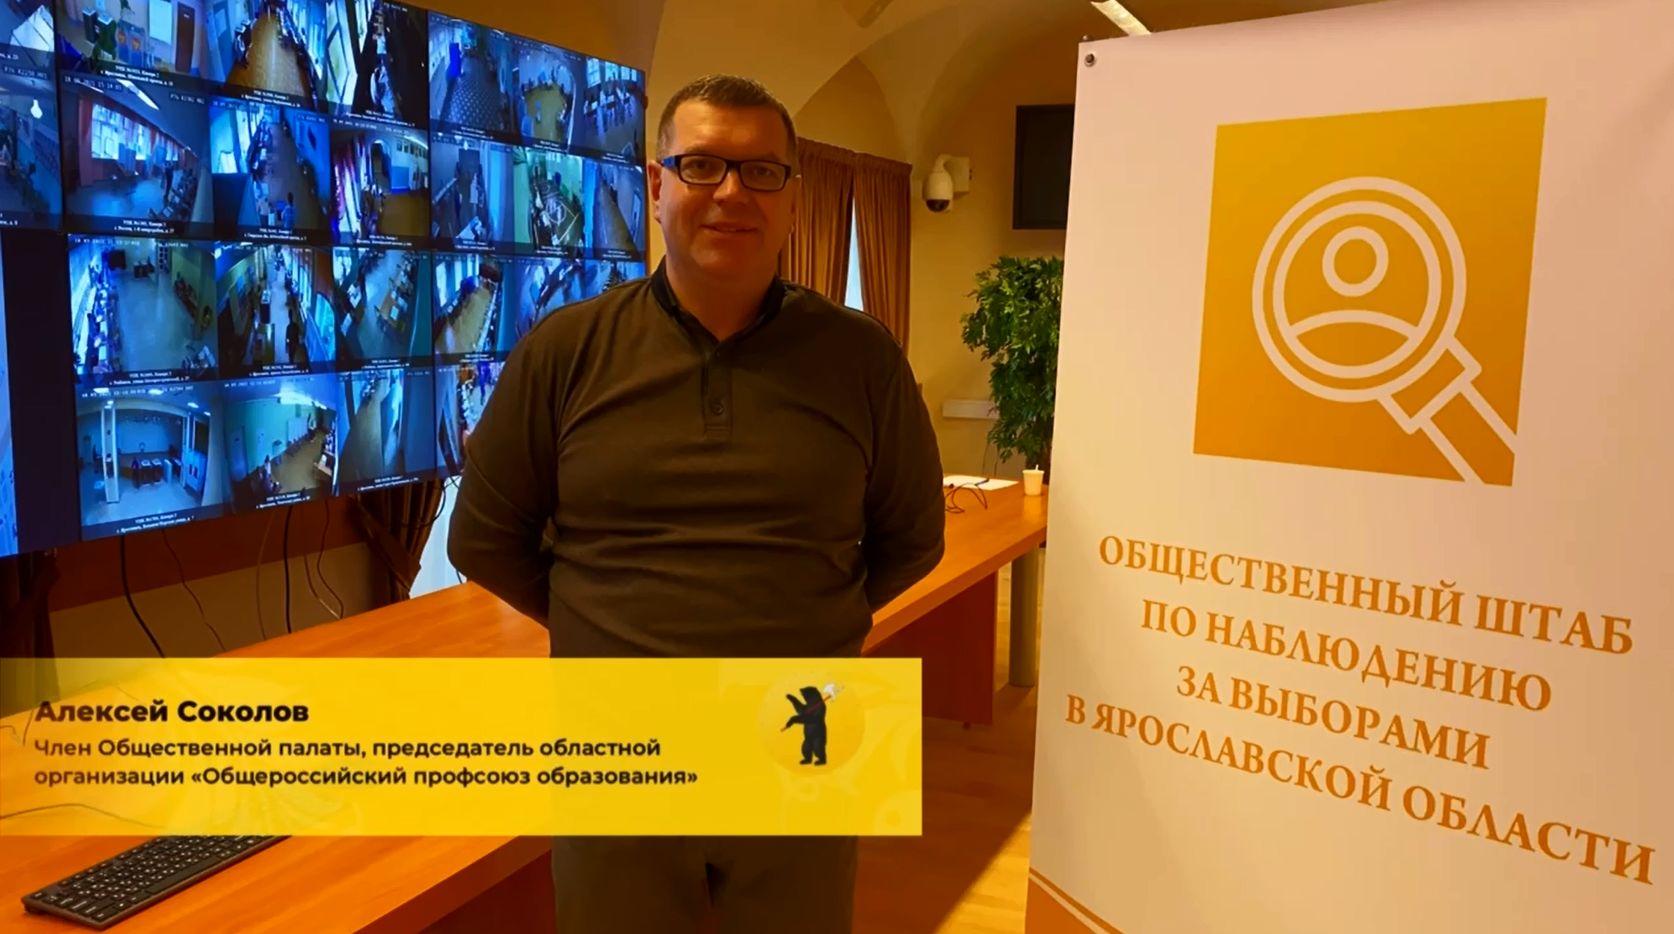 Председатель областной организации «Общероссийский профсоюз образования» Алексей Соколов прокомментировал возможности дистанционного электронного голосования